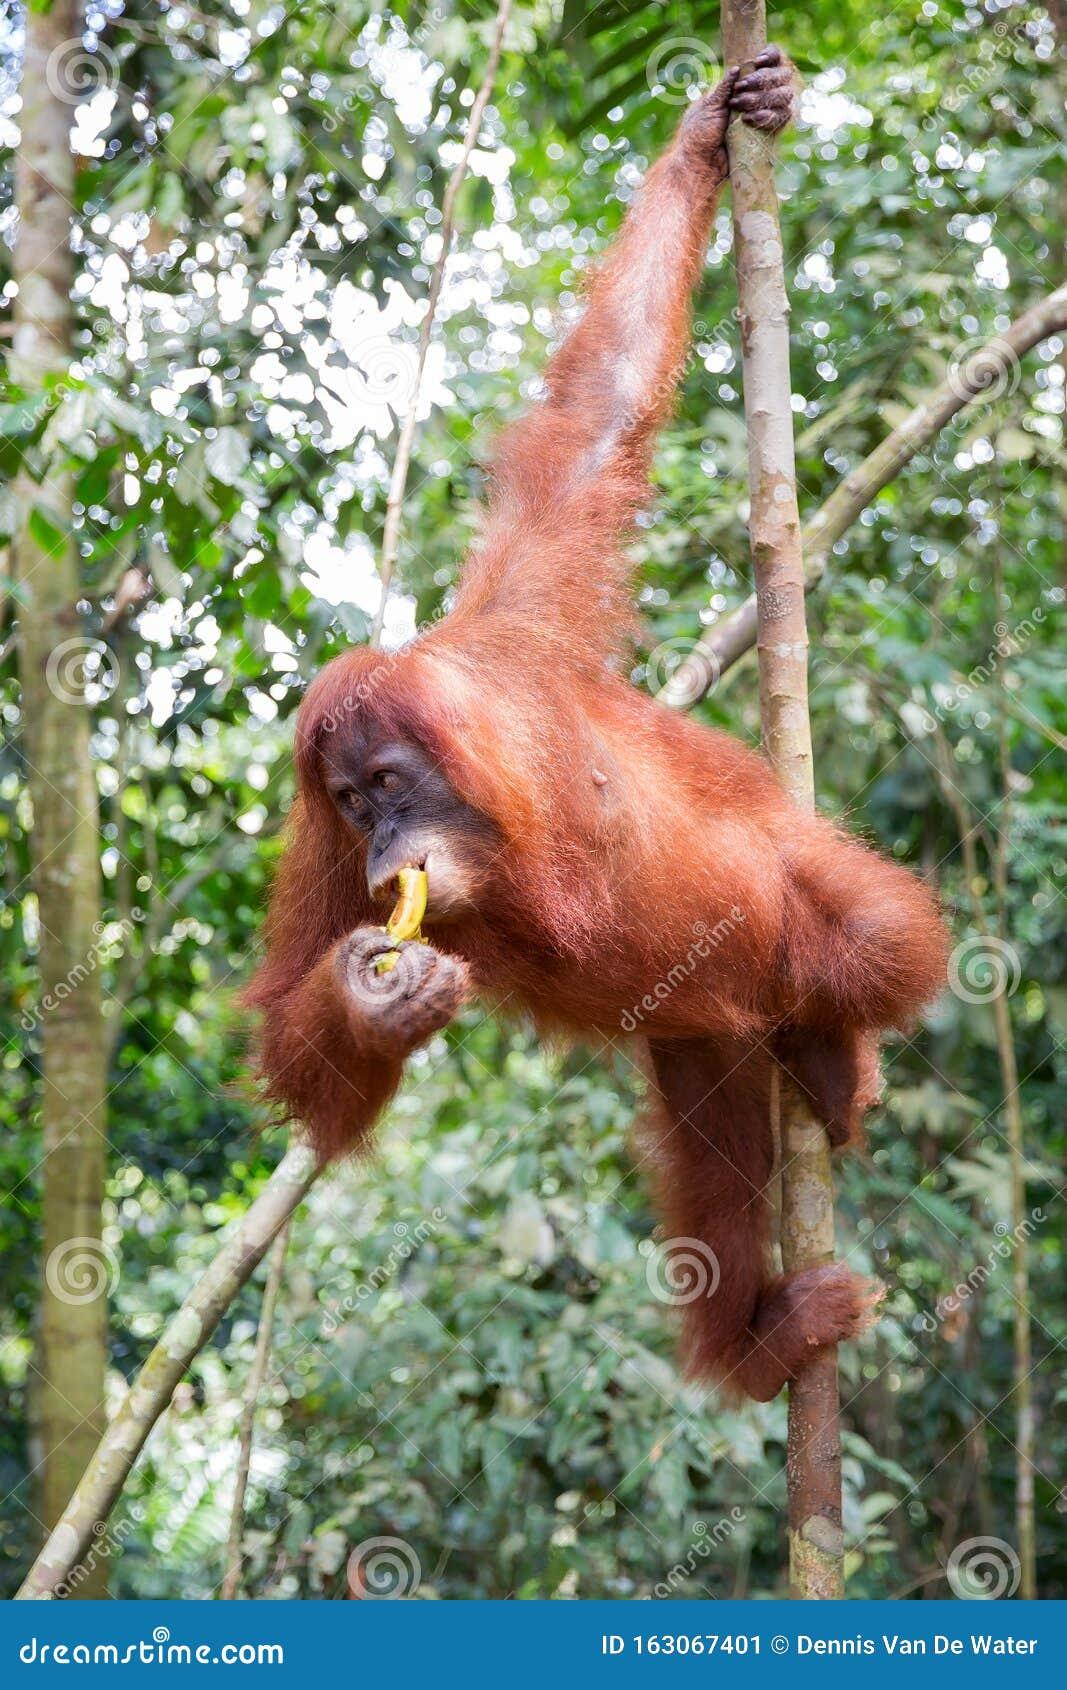 A Female Of The Orangutan With A Cub In A Native Habitat